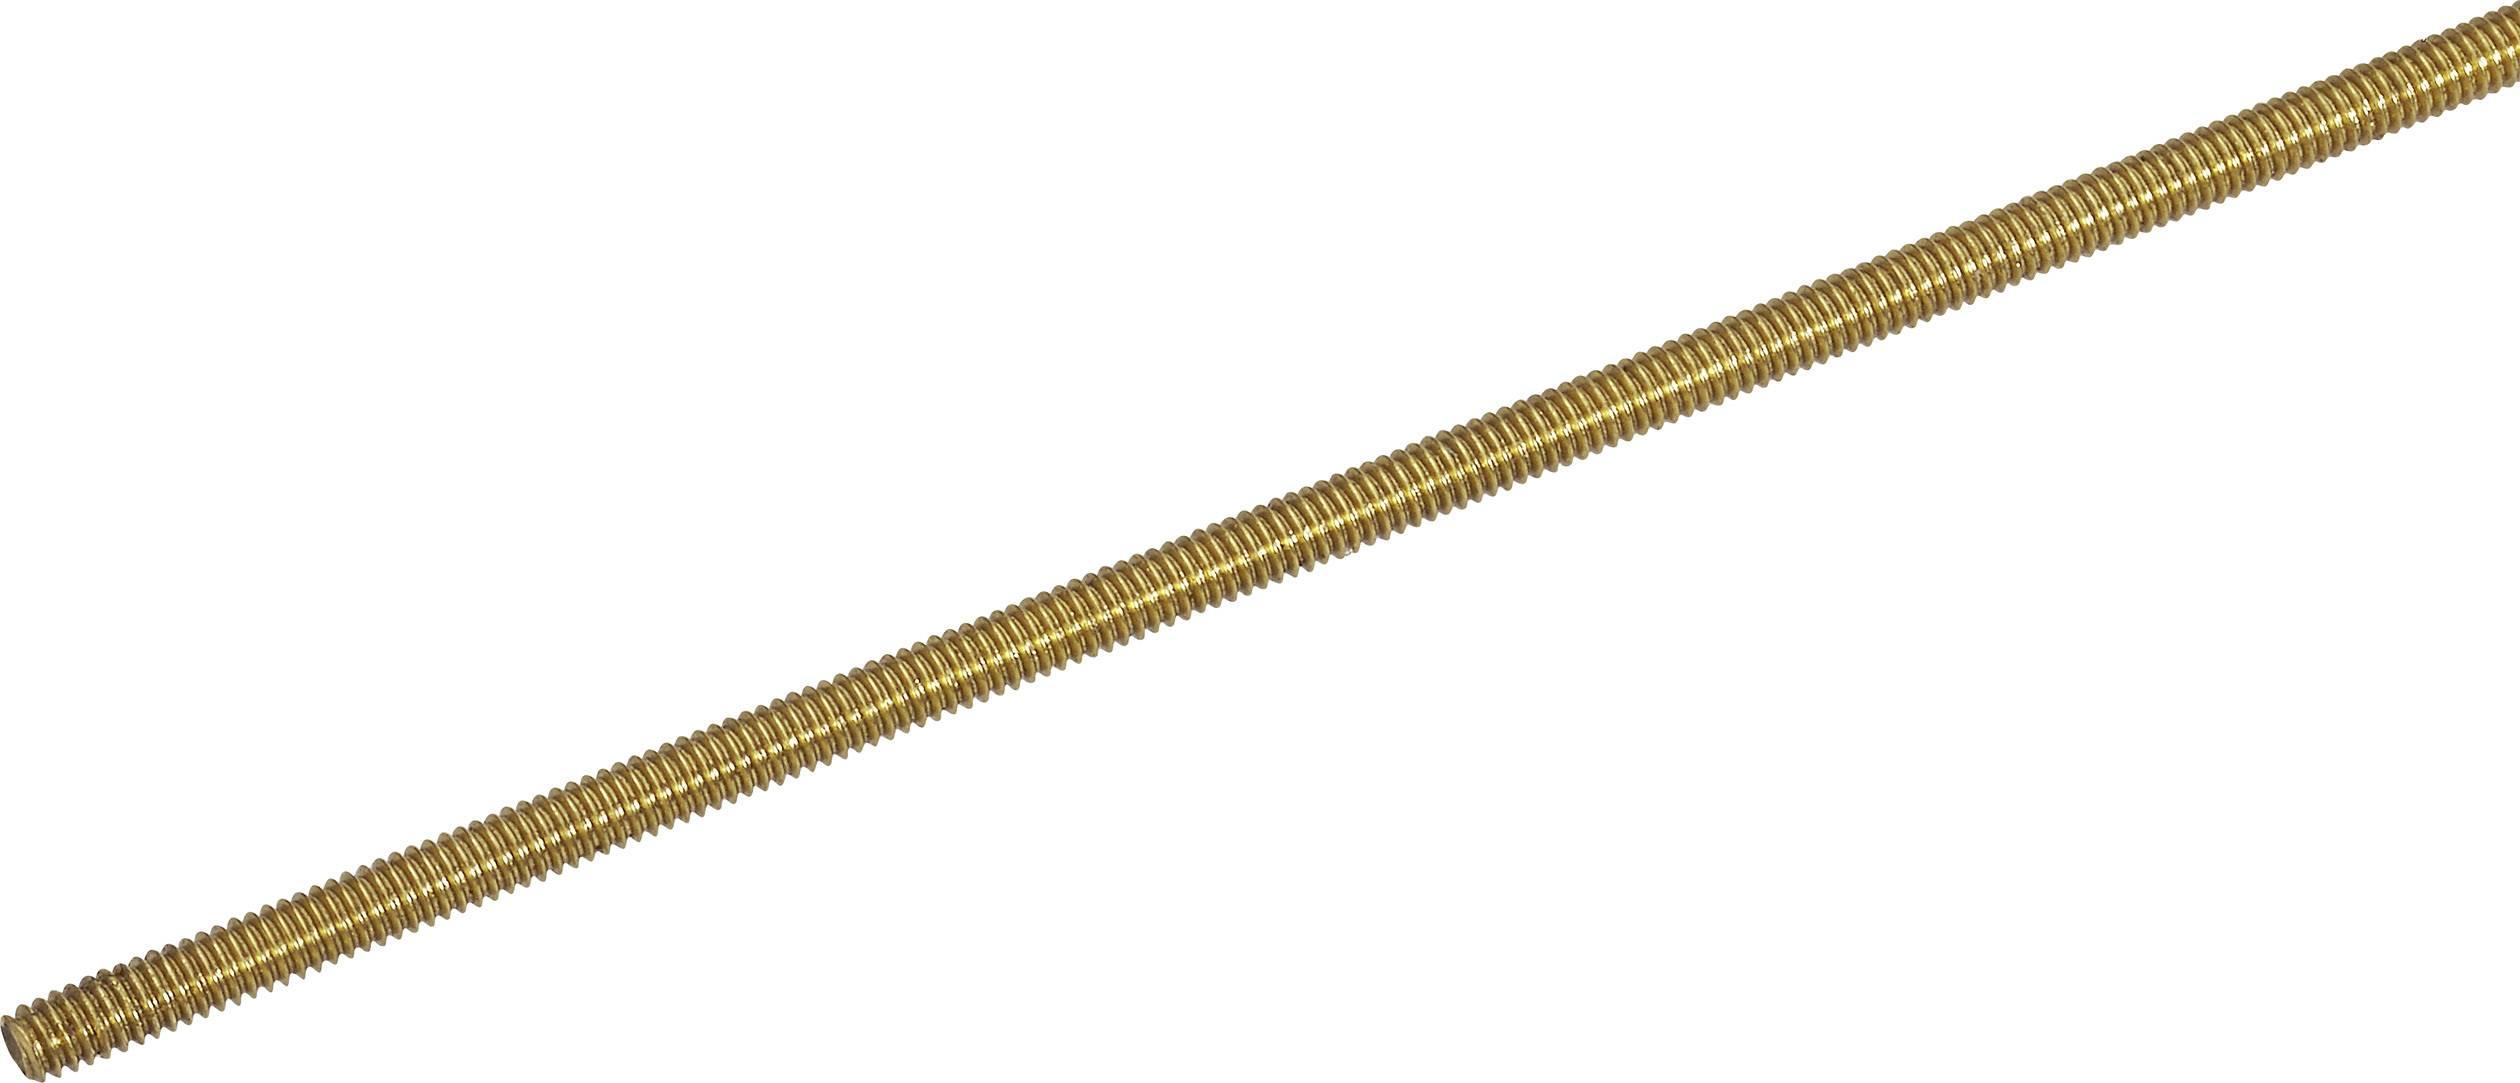 Závitová tyč Reely 221789 M6, 500 mm, mosadz, 1 ks